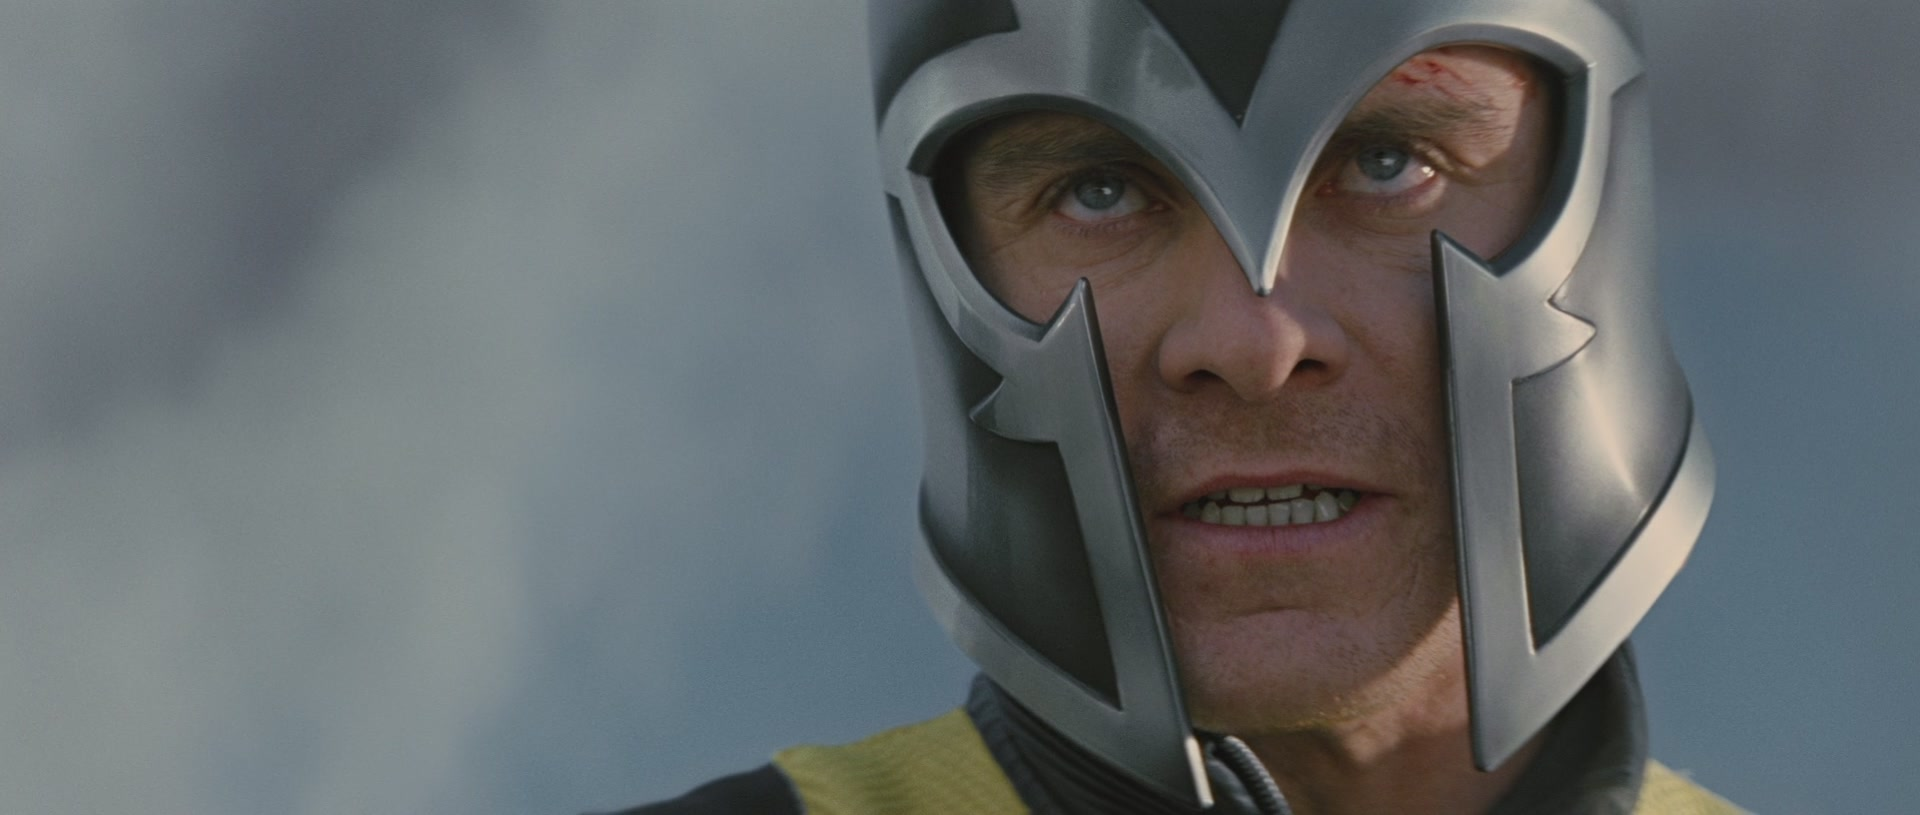 X-Men: First Class (2011) - Charles and Erik Photo ...X Men First Class Erik